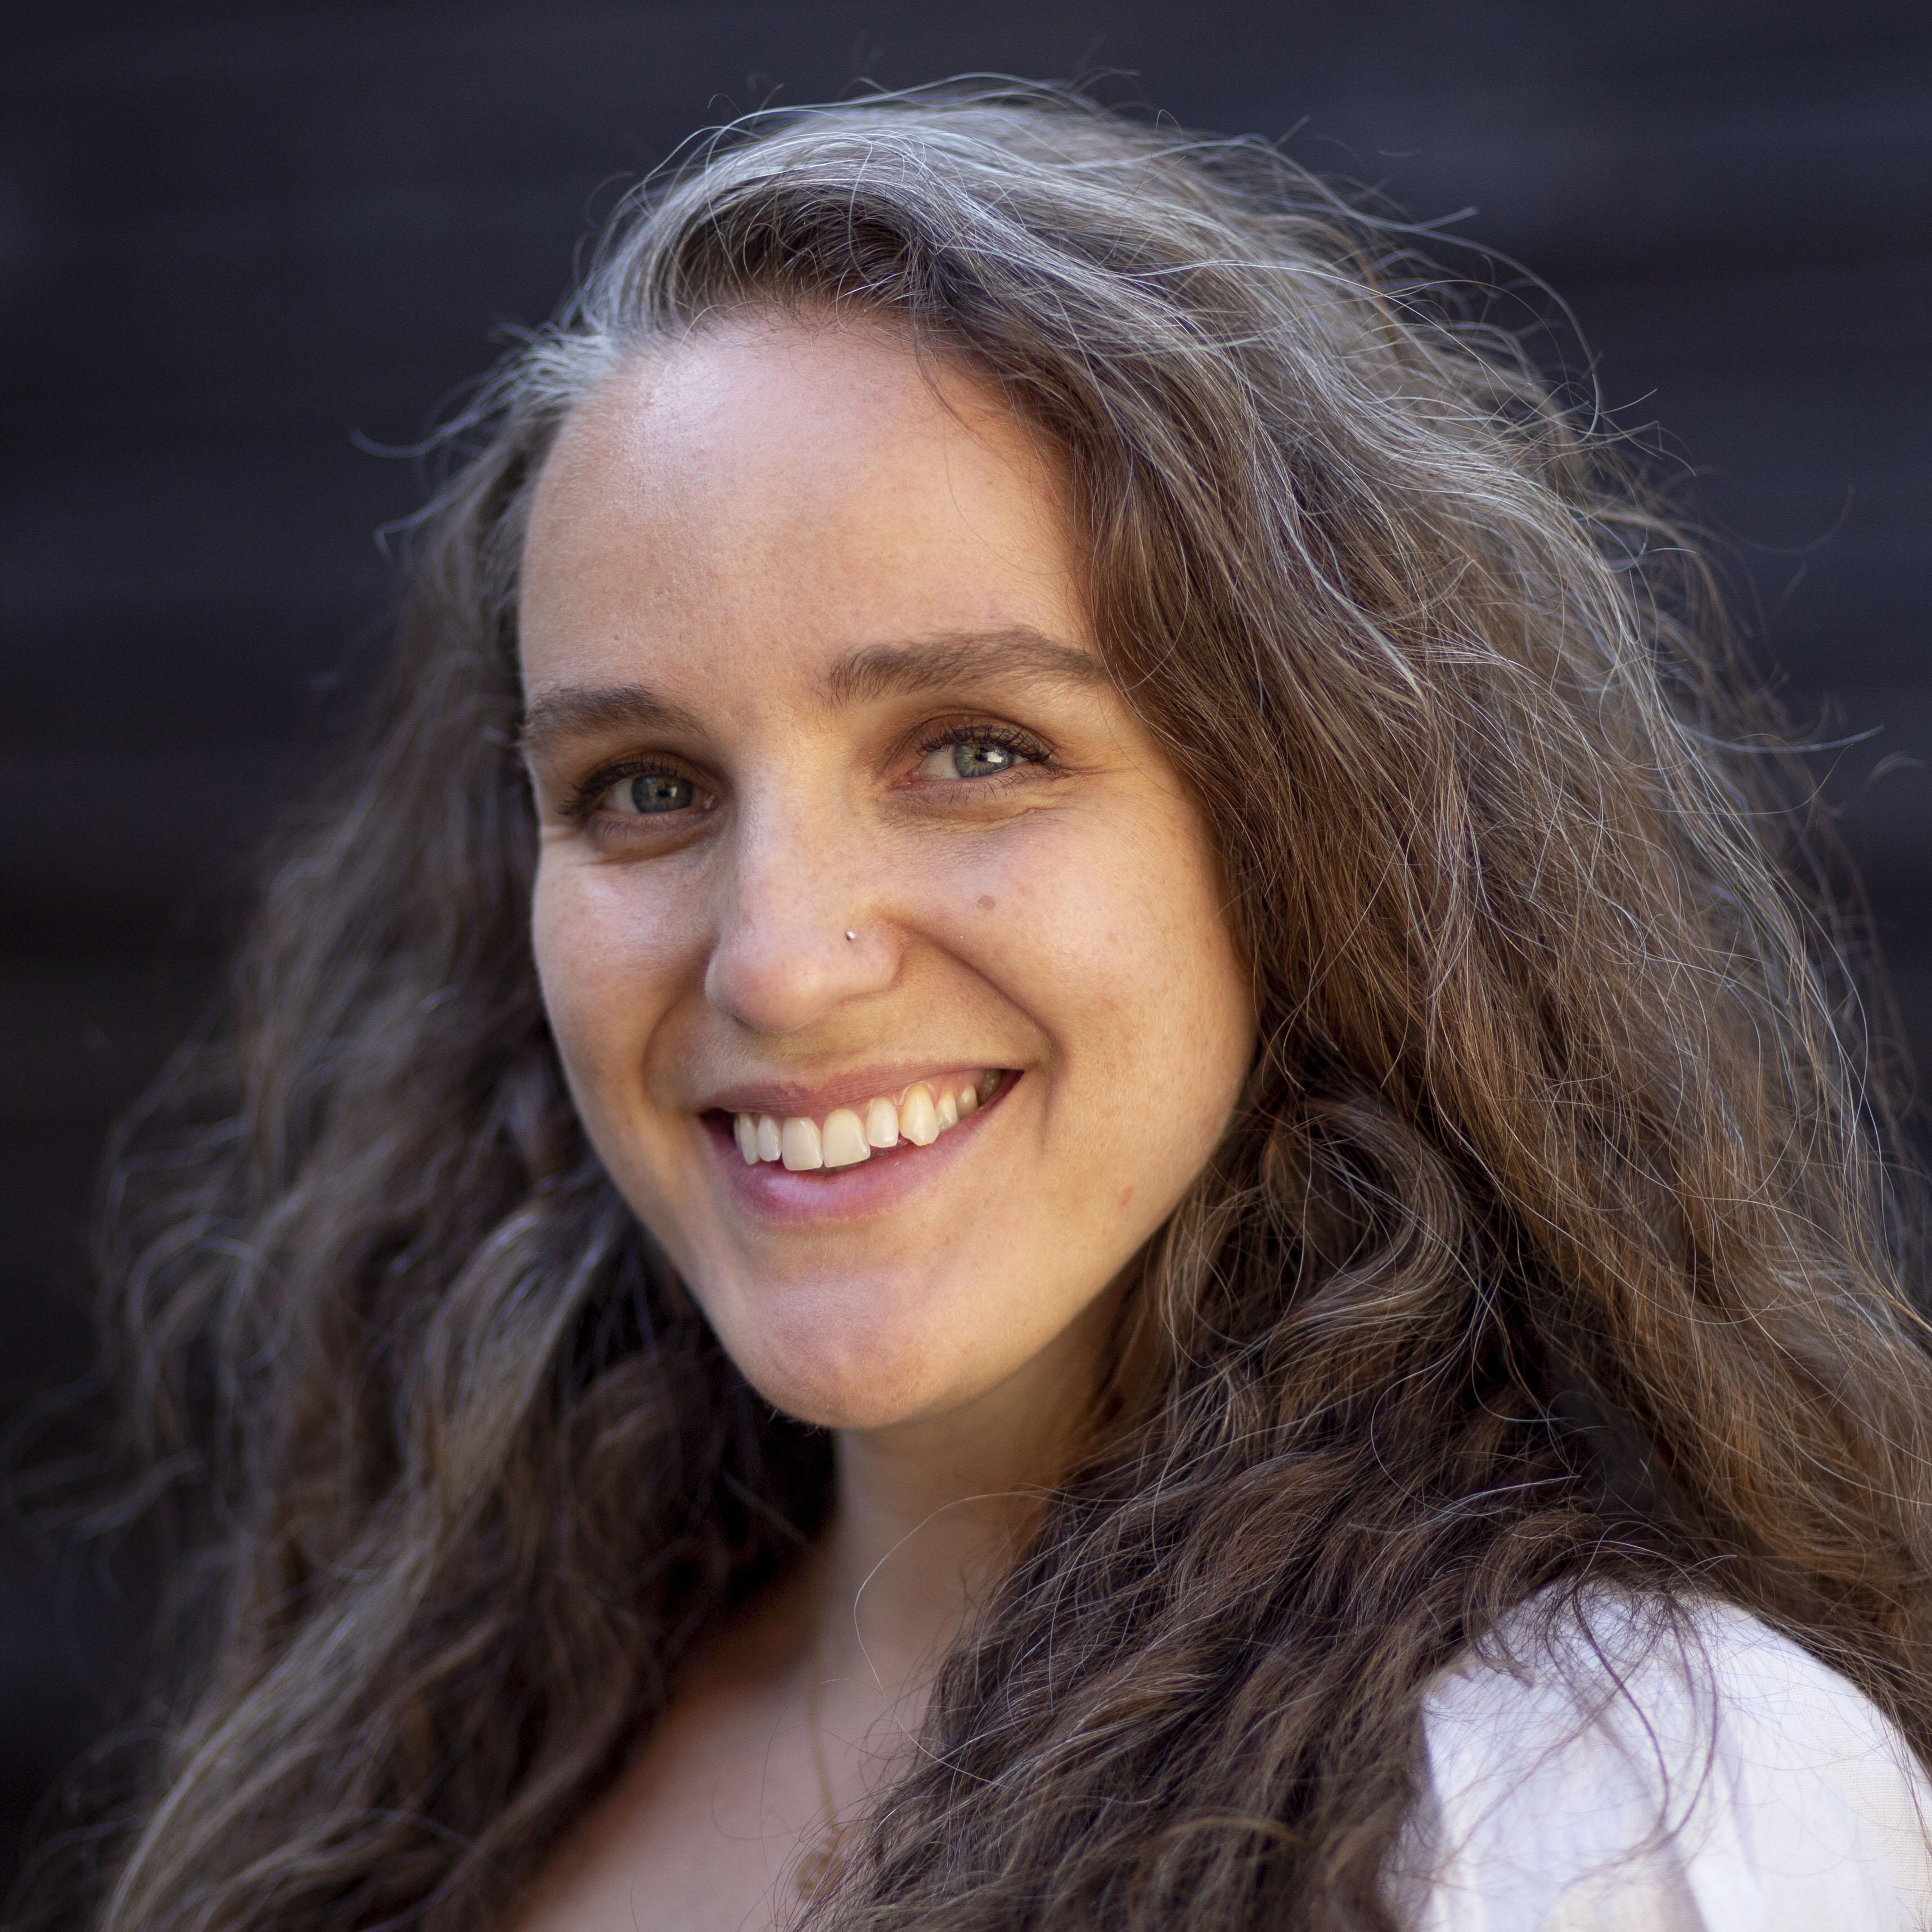 Anne Wernikoff